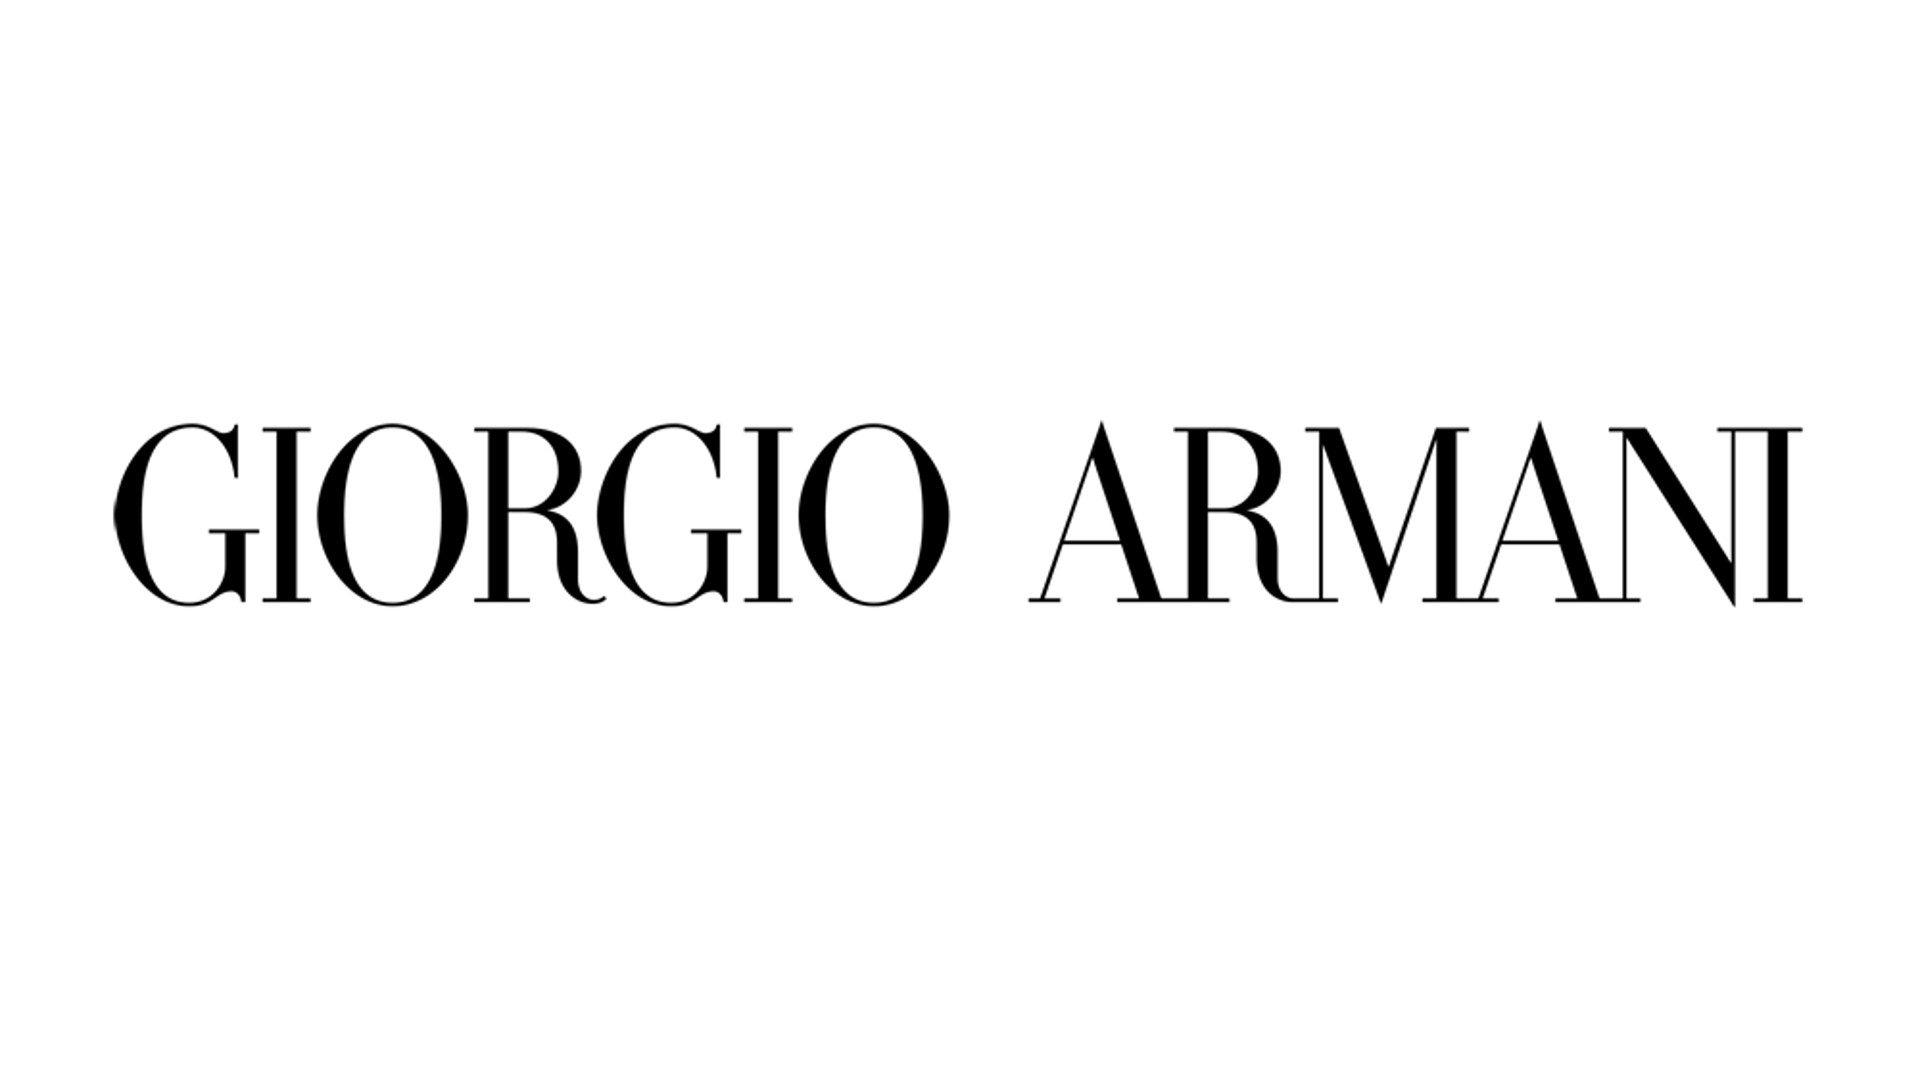 คอลเลกชั่นแว่นตา Giorgio Armani  ประจำฤดูใบไม้ผลิ / ฤดูร้อนปี 2021